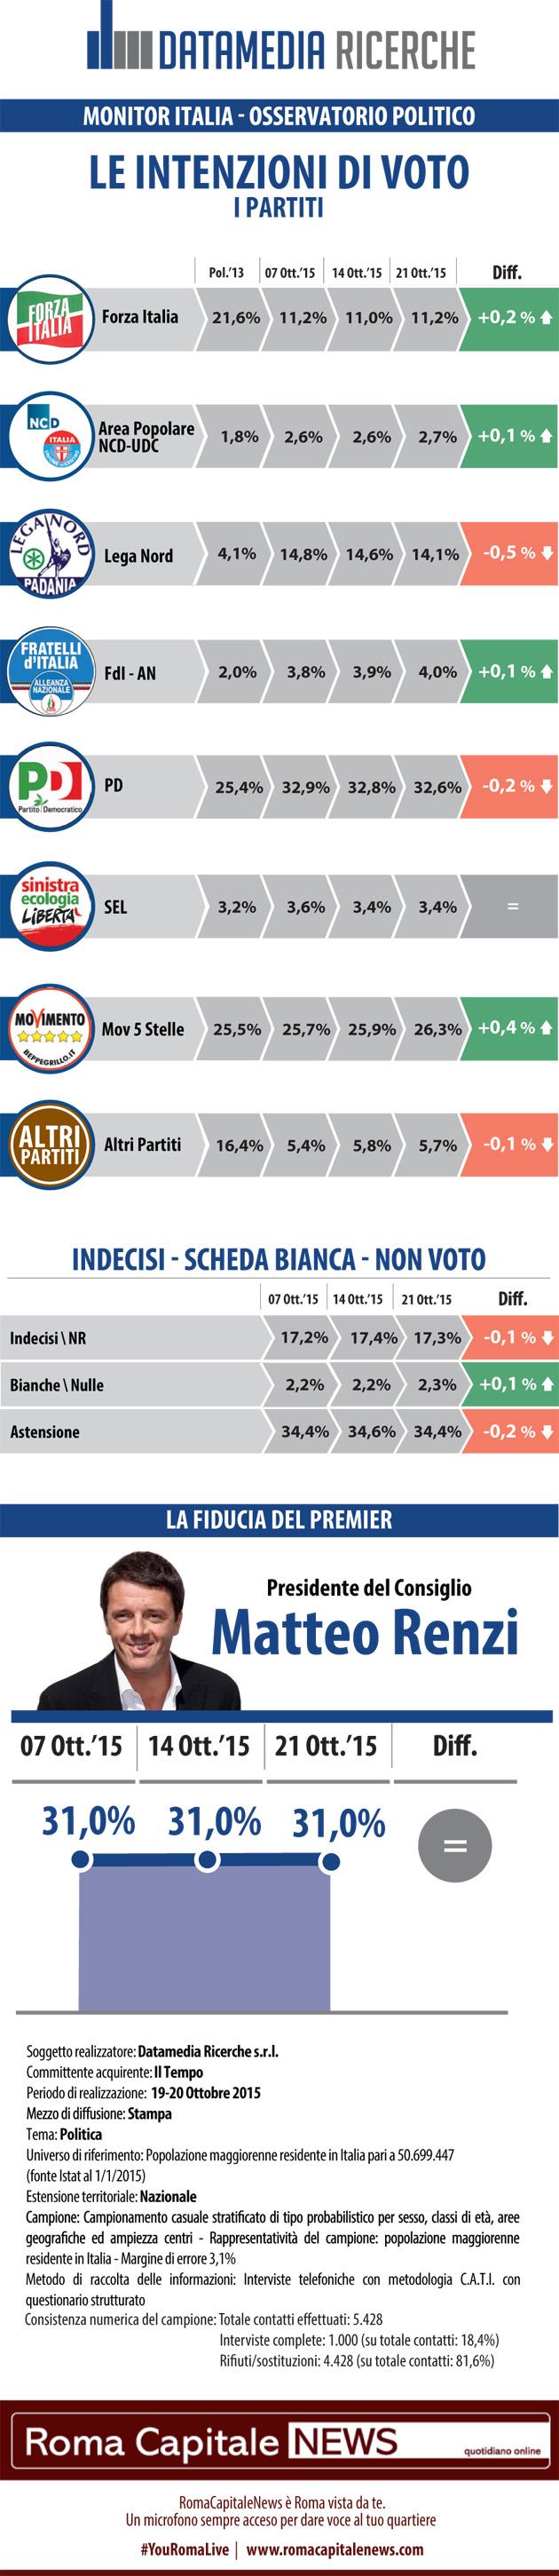 sondaggi elettorali, simboli di partito e percentuali